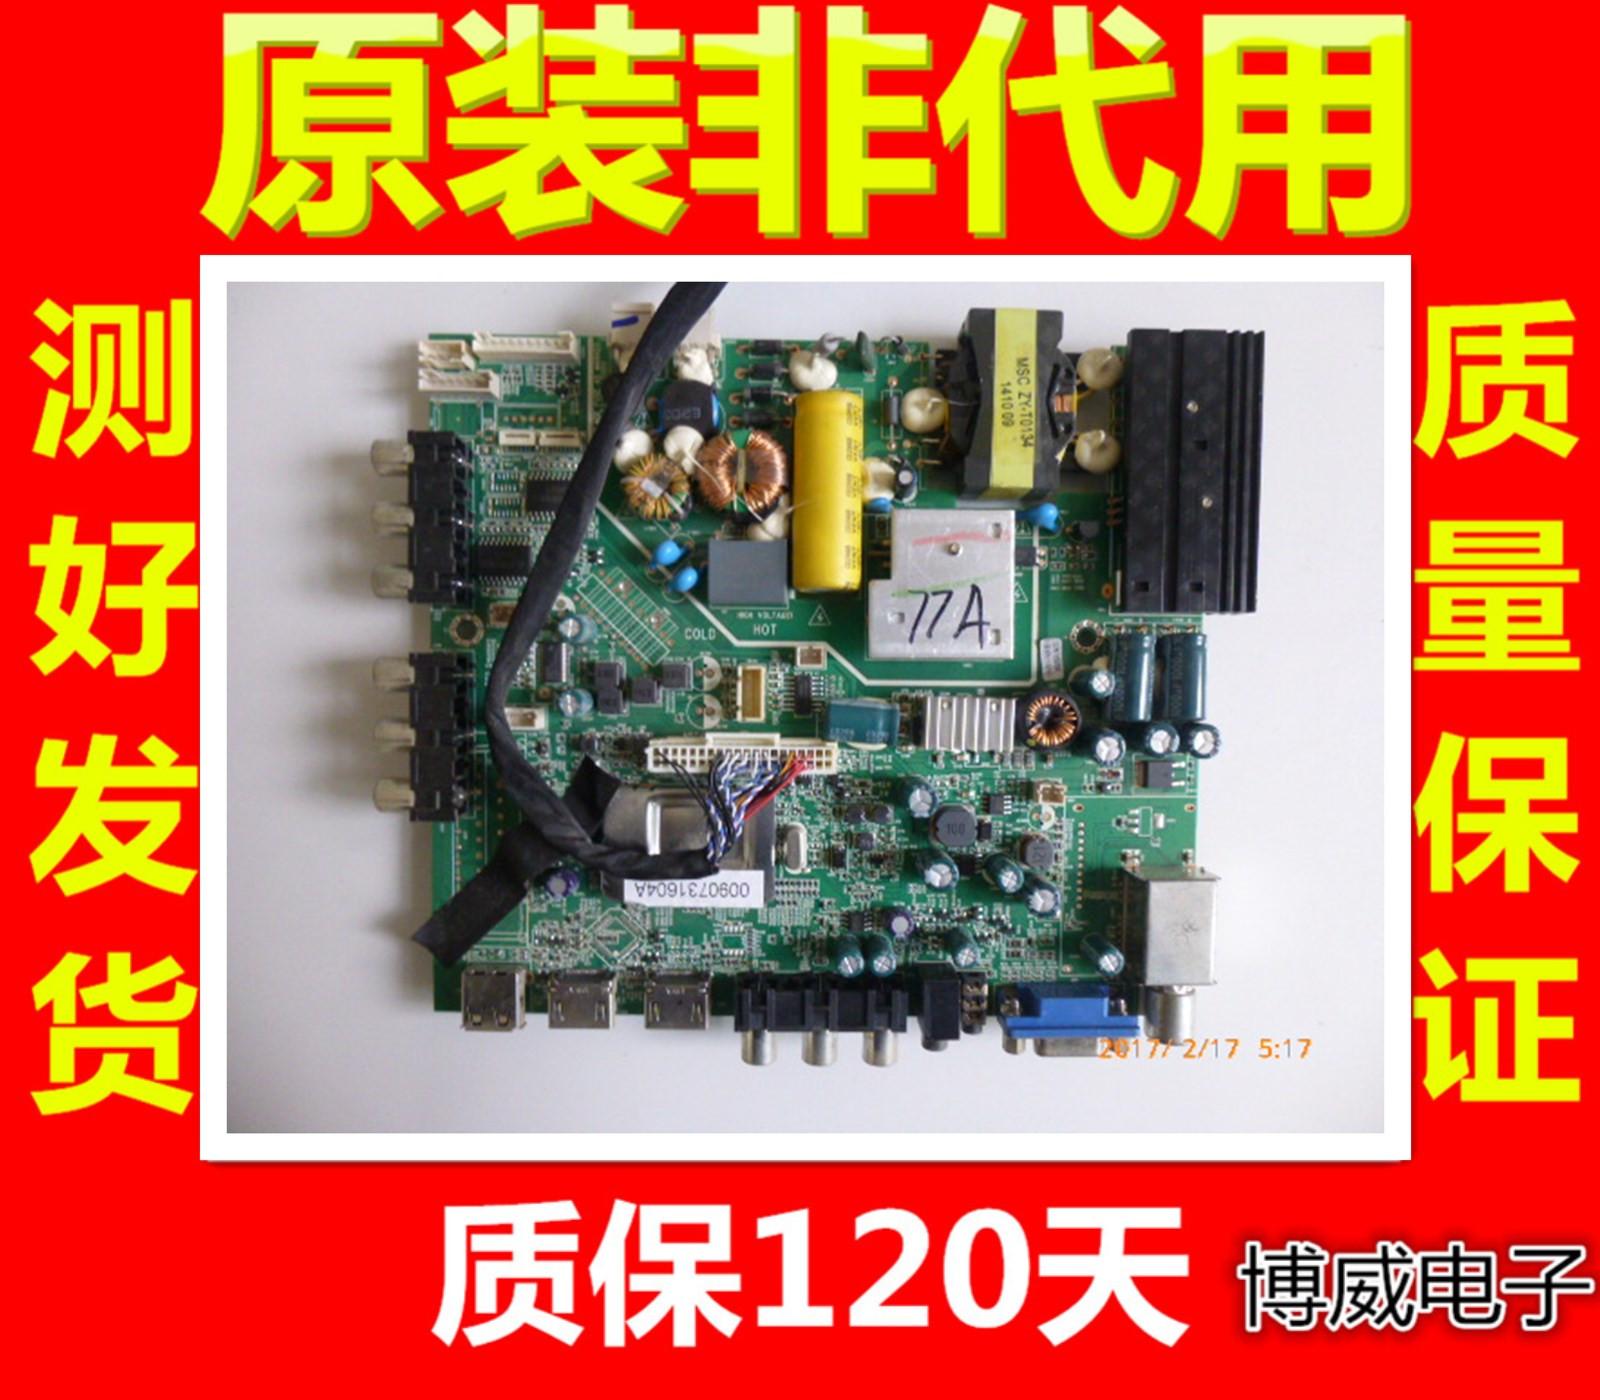 32 - Zoll - LCD - flachbild - fernseher haier LE32F3000W hochdruck - hintergrundbeleuchtung die helligkeit konstantstrom - 280